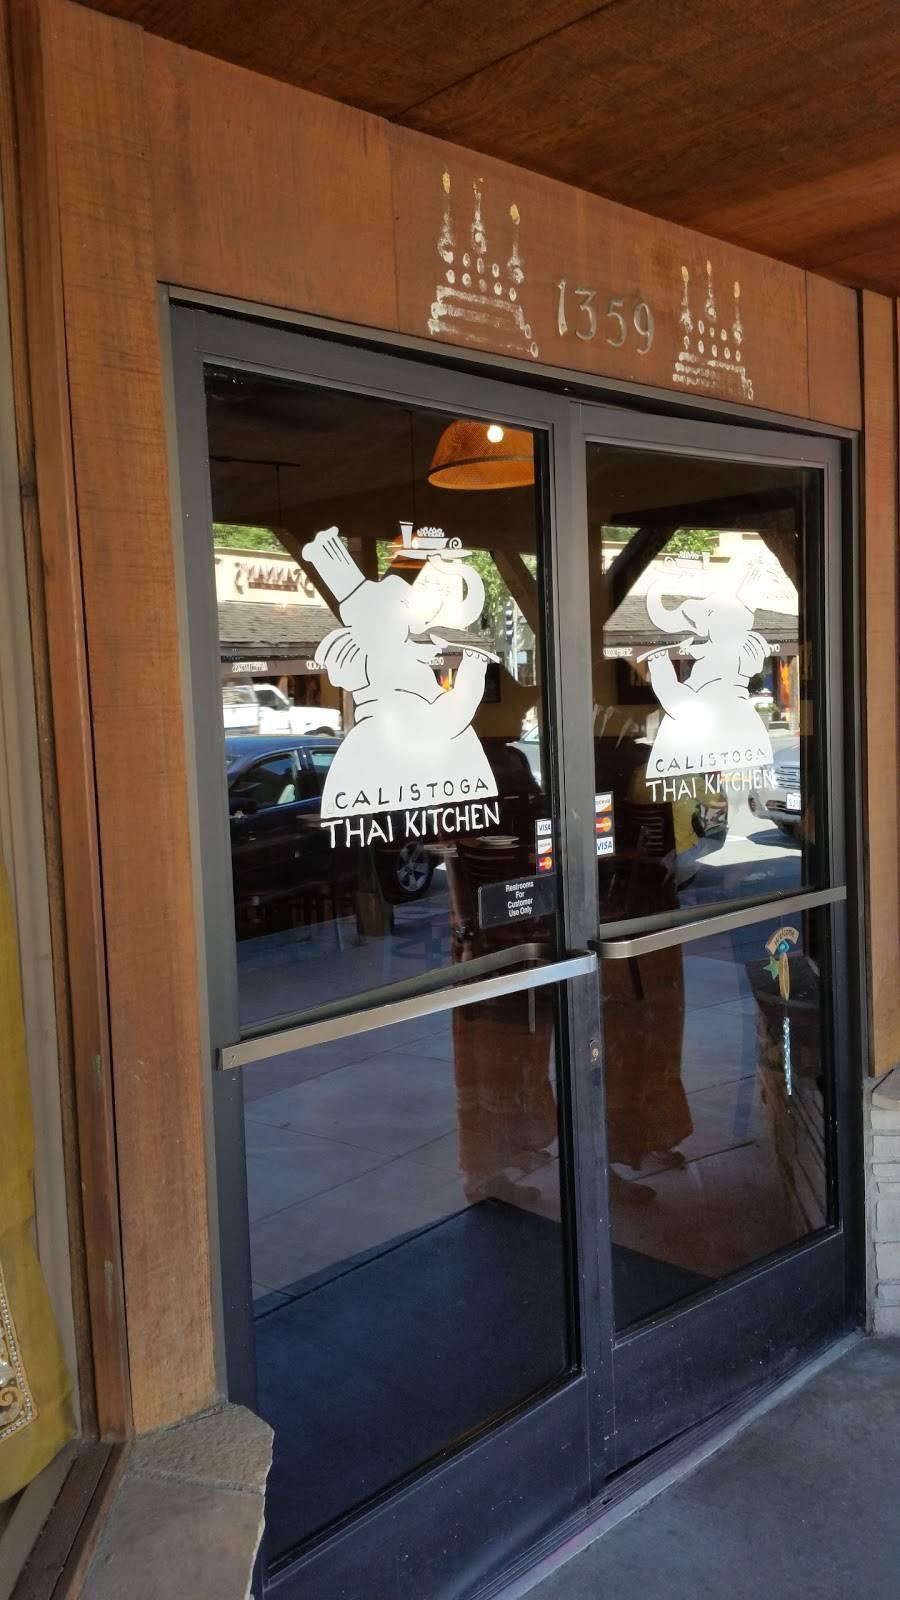 Calistoga Thai Kitchen Restaurant 1359 Lincoln Ave Calistoga Ca 94515 Usa